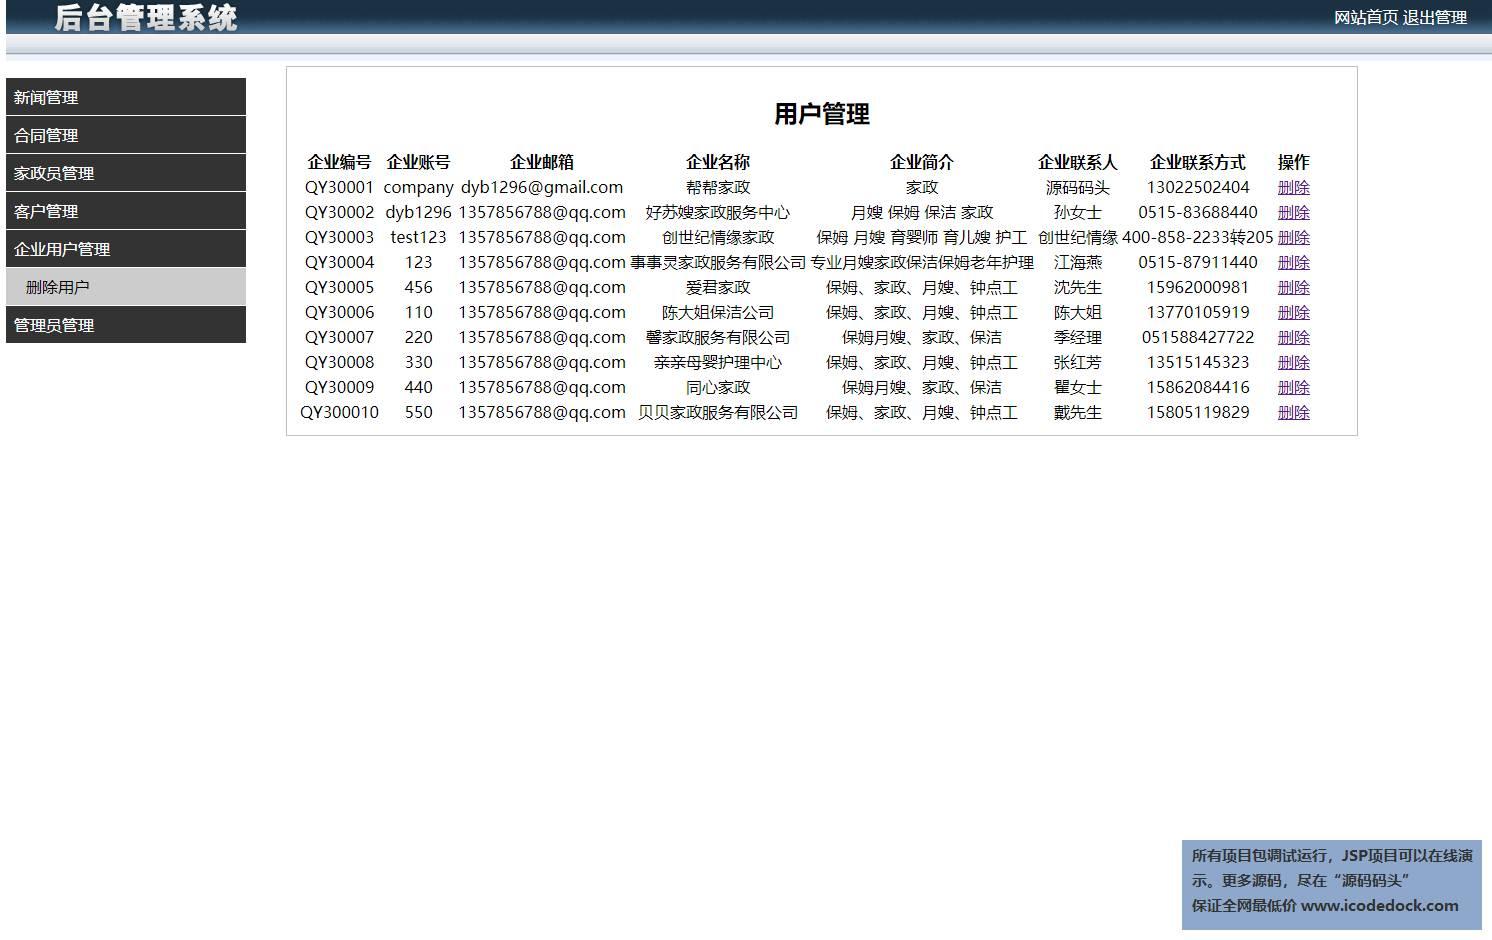 源码码头-JSP家政服务管理系统-管理员角色-企业用户管理